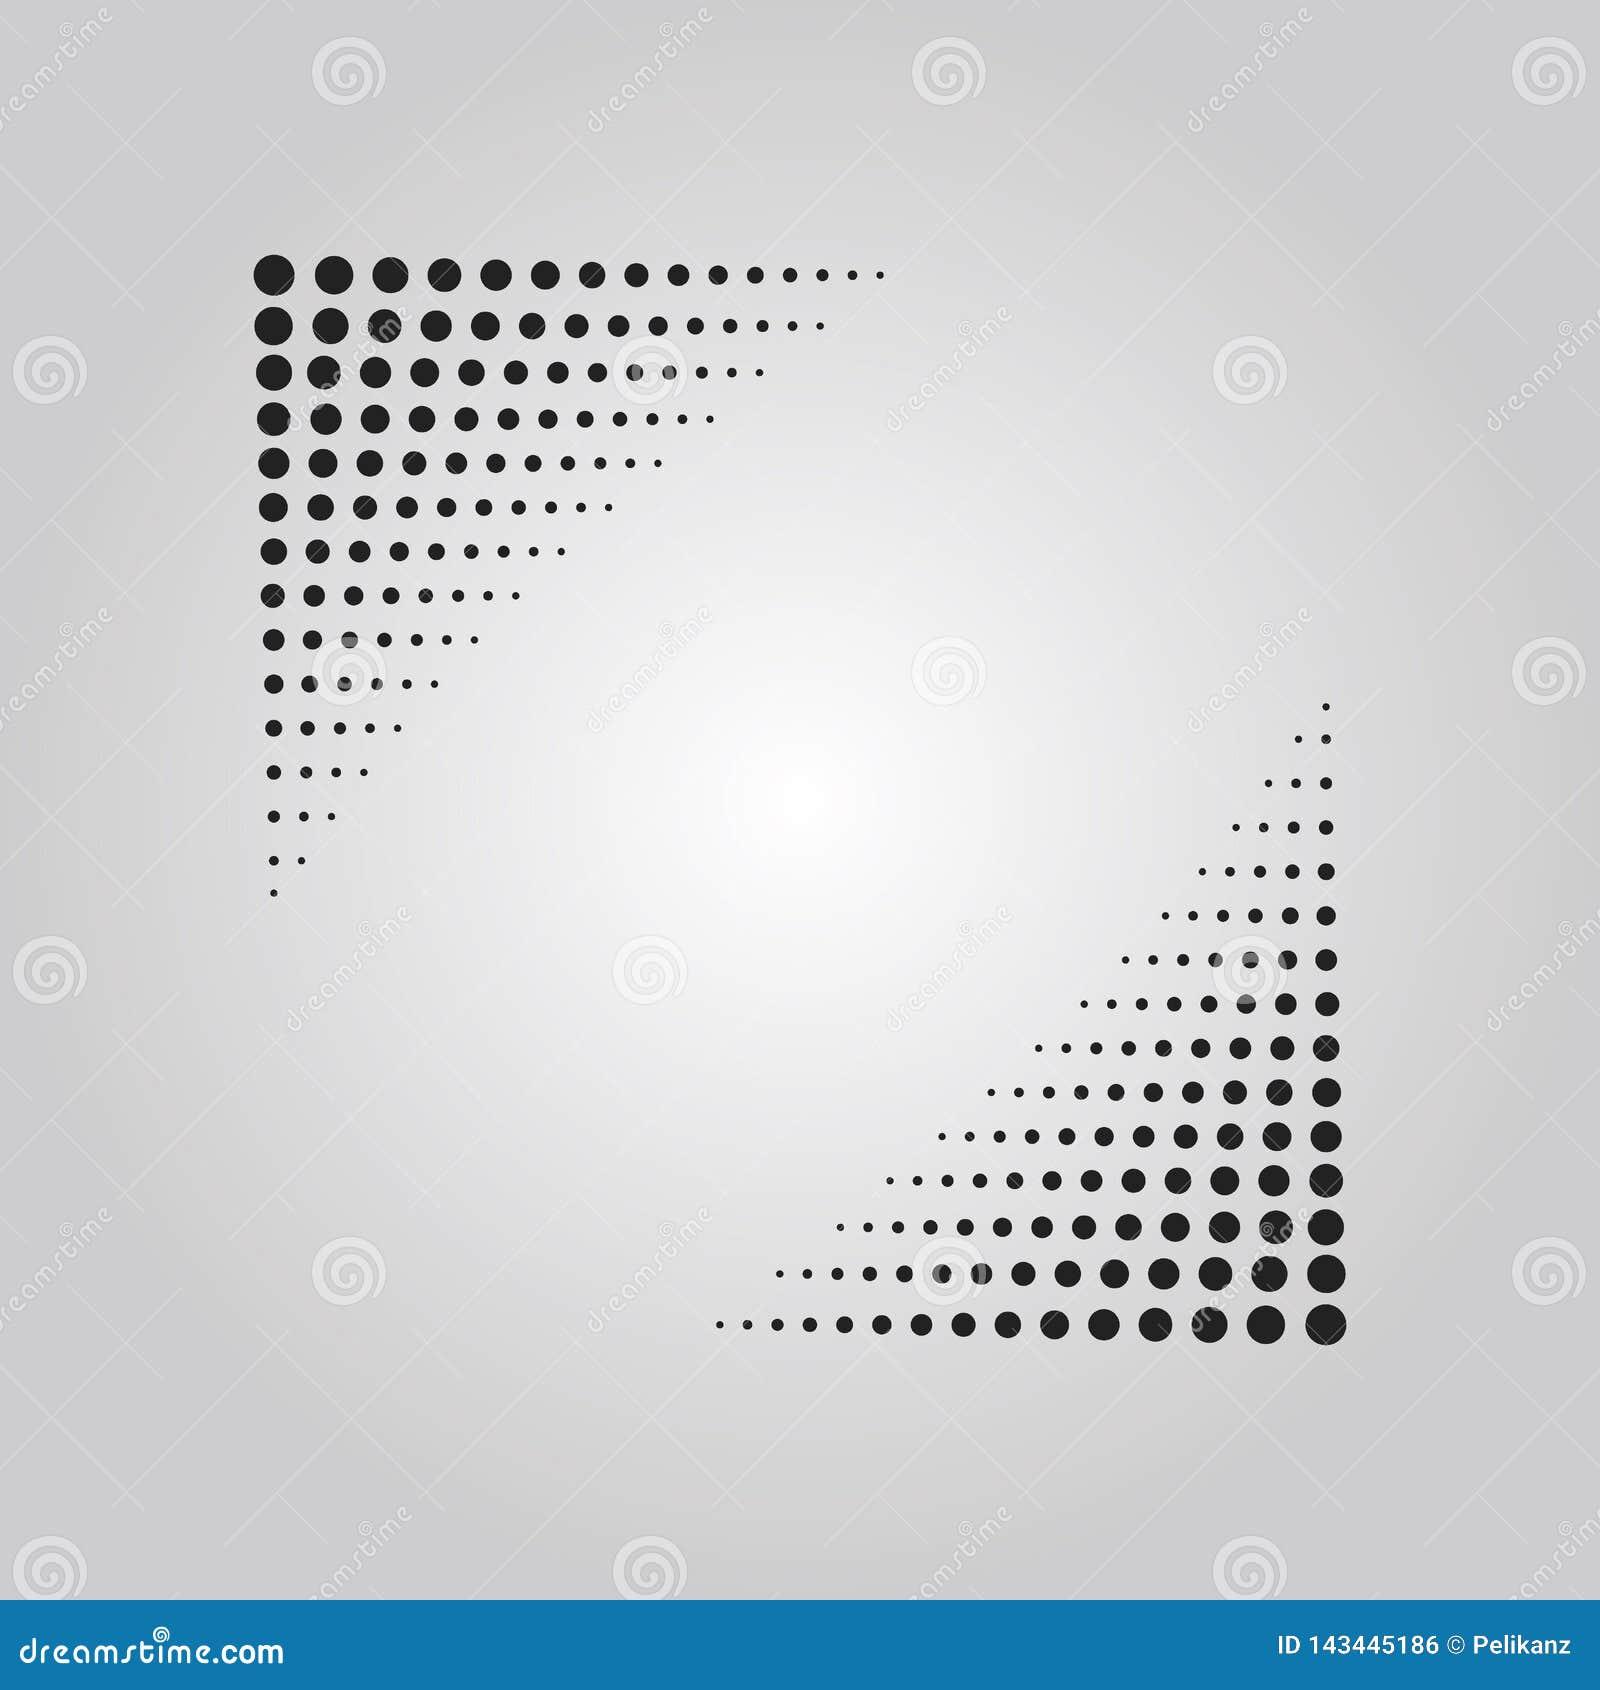 Het abstracte zwarte effect van de punten halftone techniek in vorm van driehoekshoeken ontwerpt element